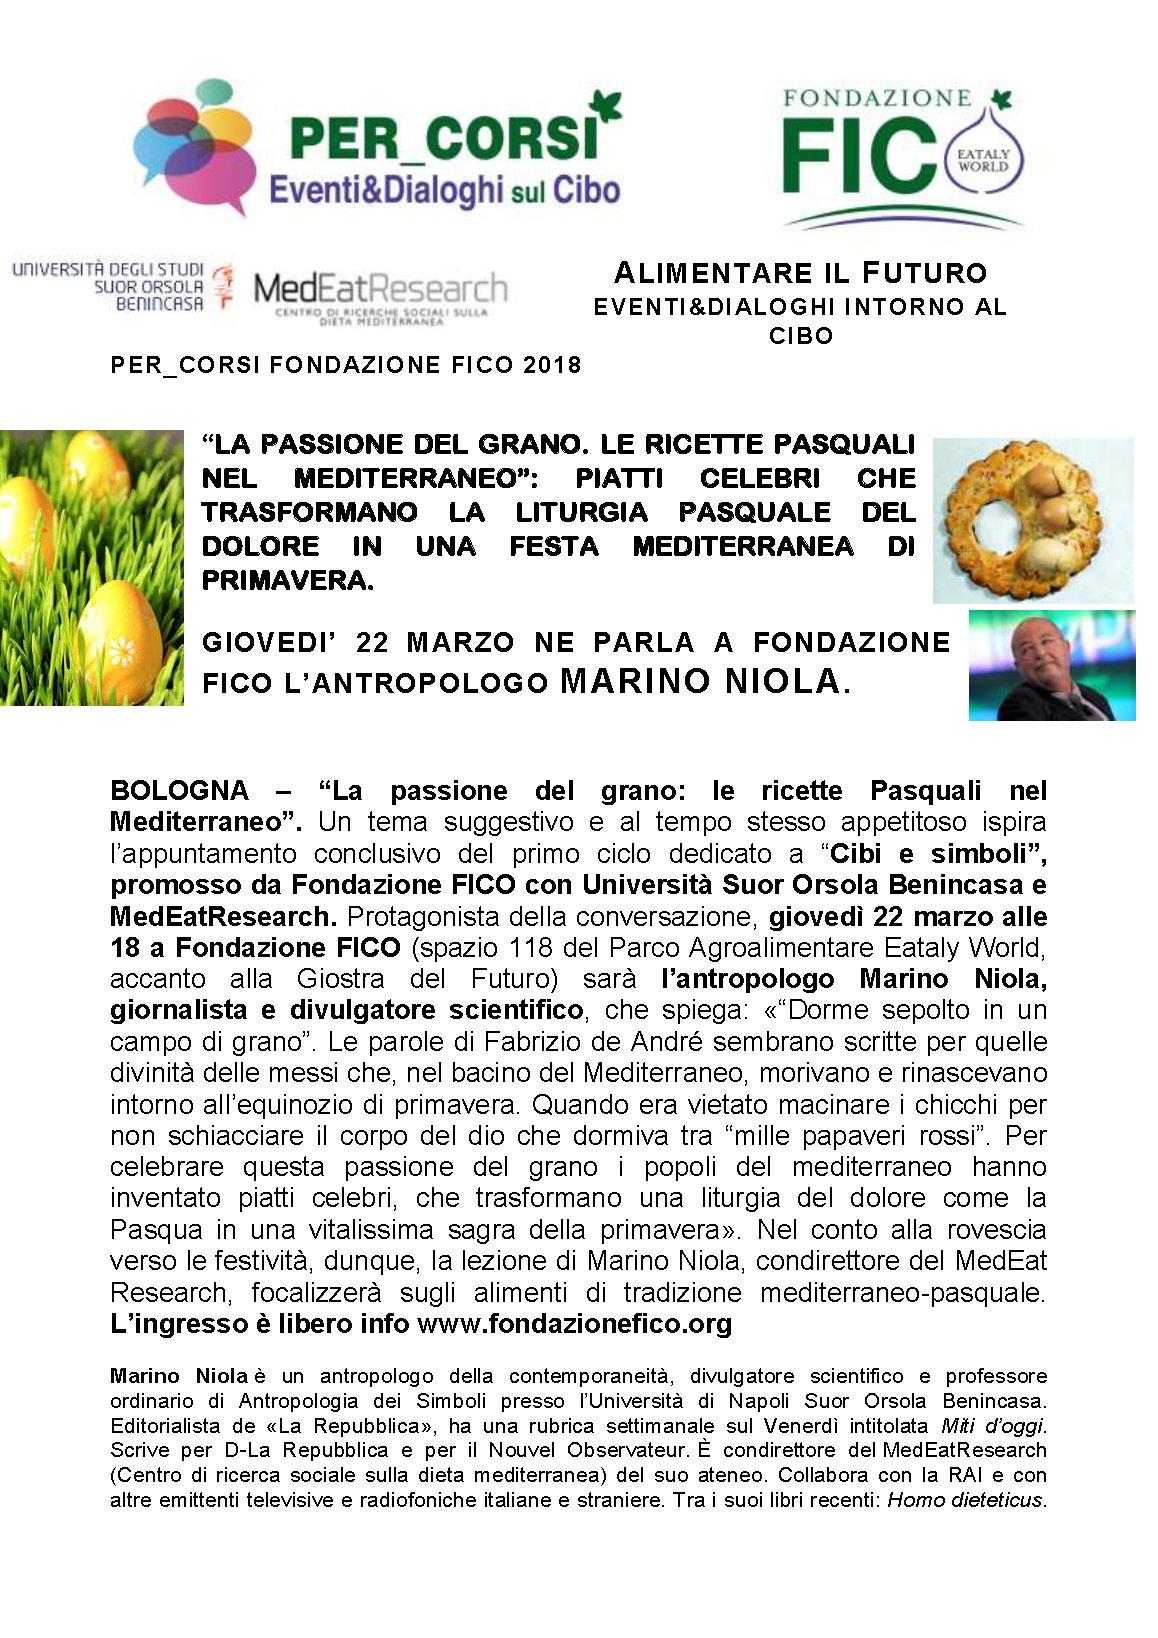 CS-0040-FondazioneFIco-PER_CORSI-22-03-2018-Marino-Niola_Pagina_1